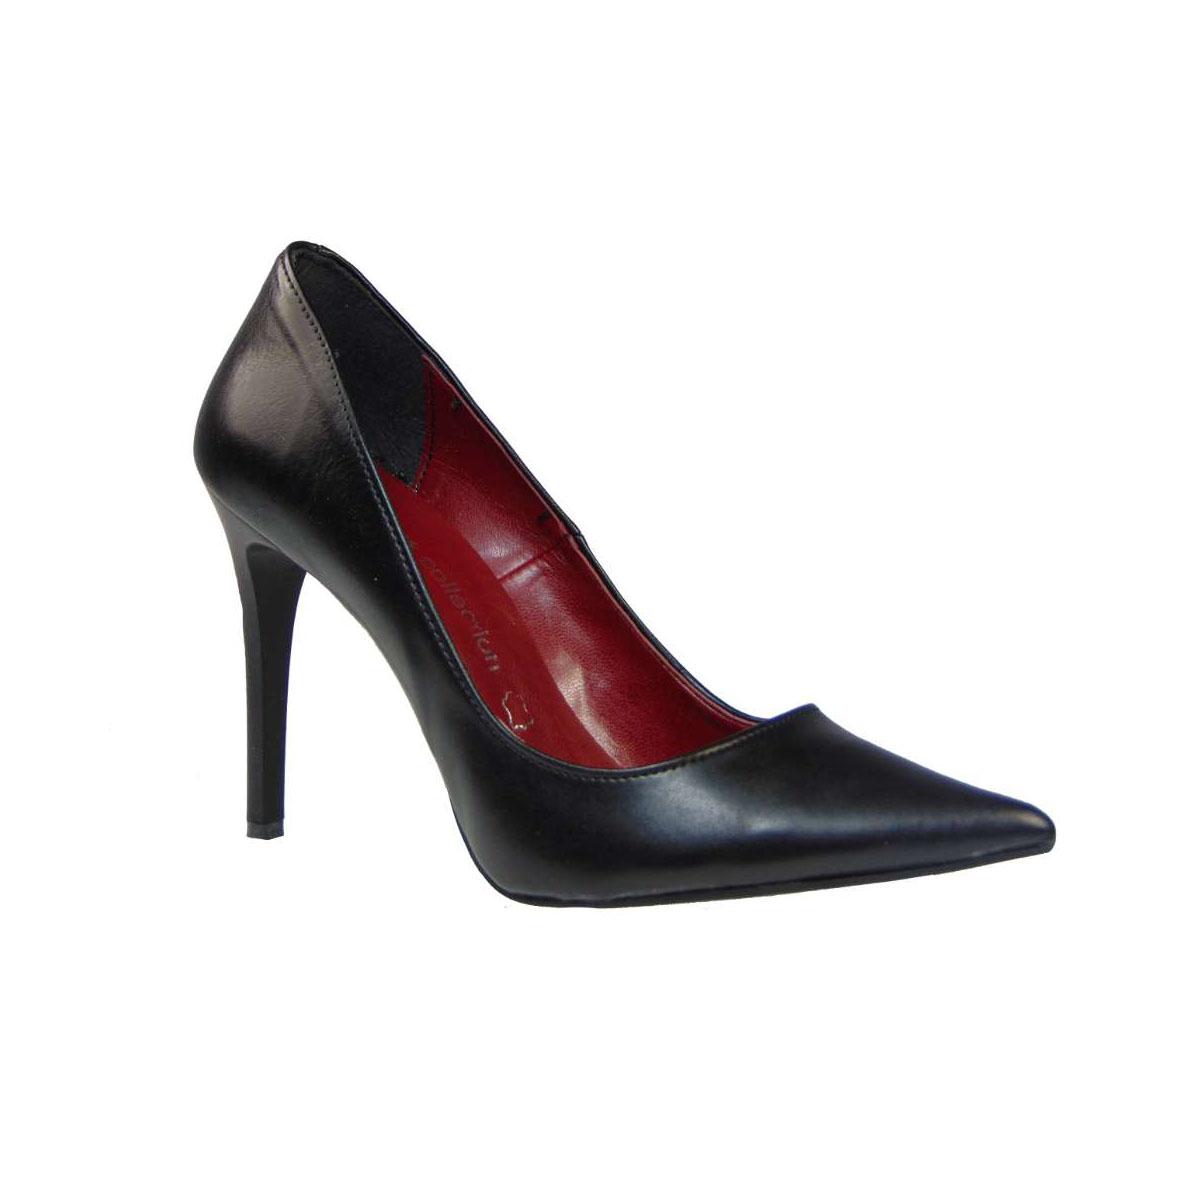 Tsimpolis Shoes 191 Γόβα Απο Συνθετικό Δέρμα Μαύρη